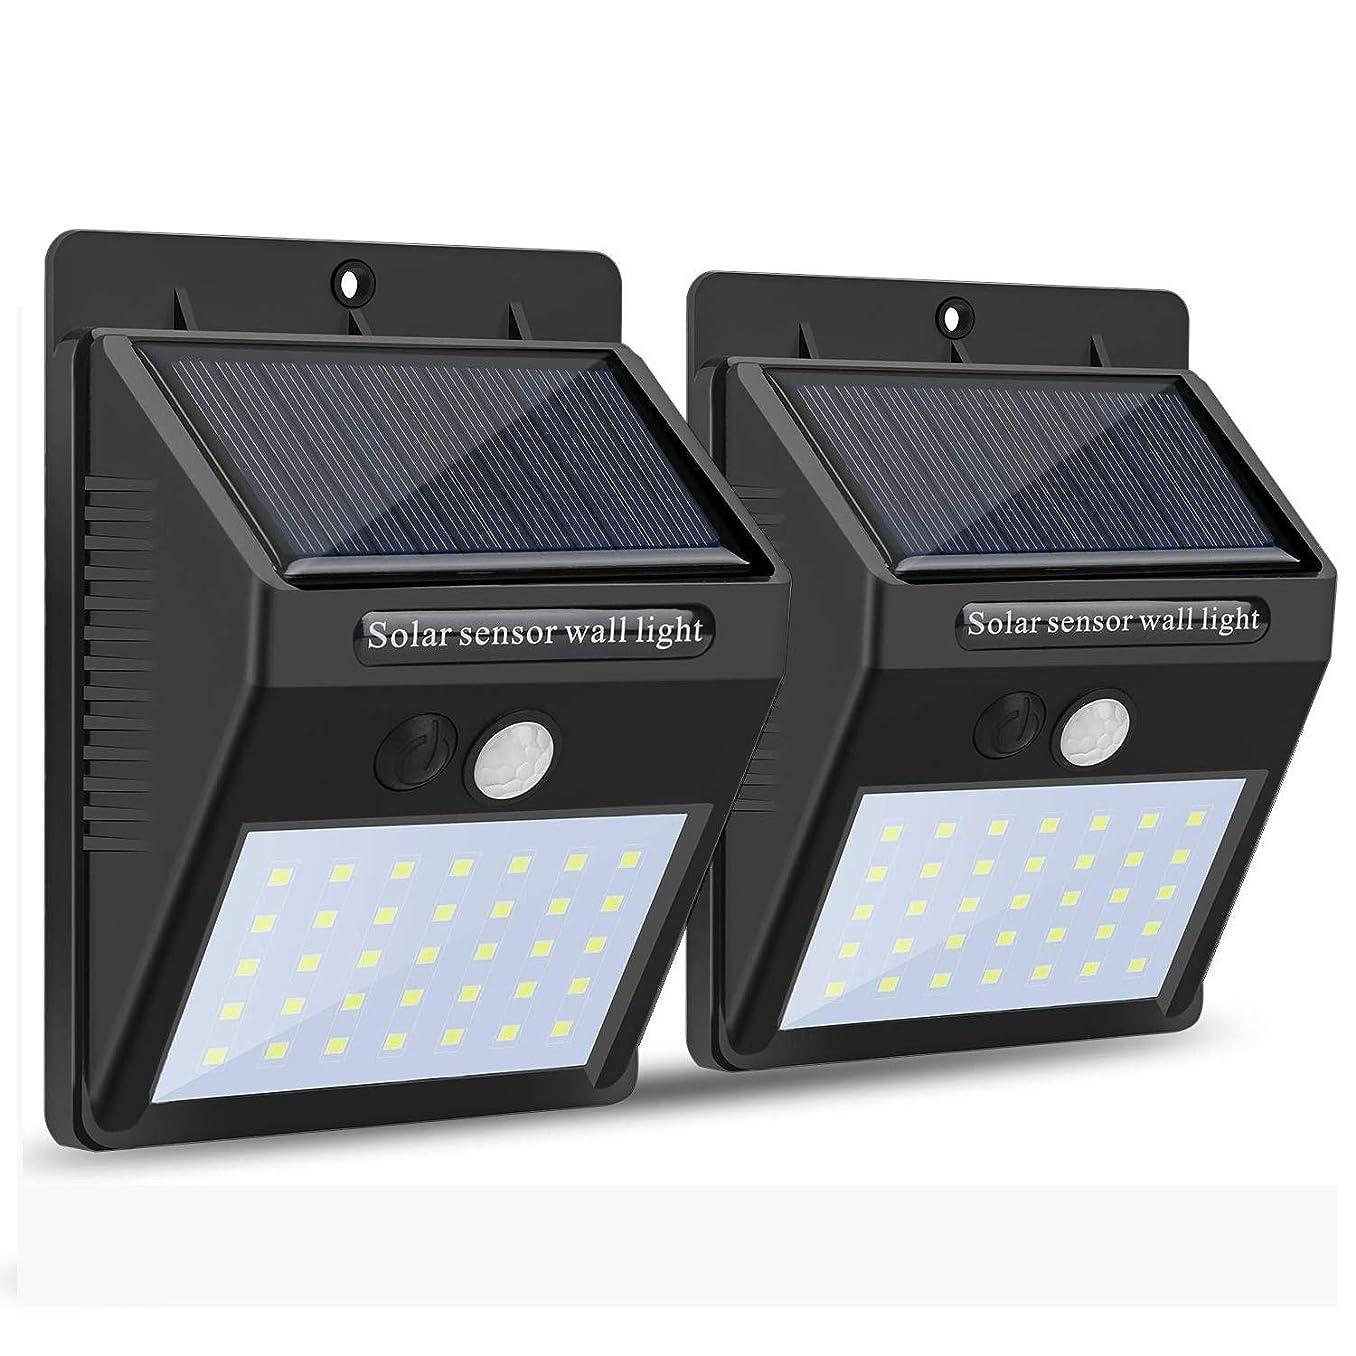 そして細断電圧センサーライト ソーラーライト 人感 付 35LED 防水 屋外自動点灯外灯 2個